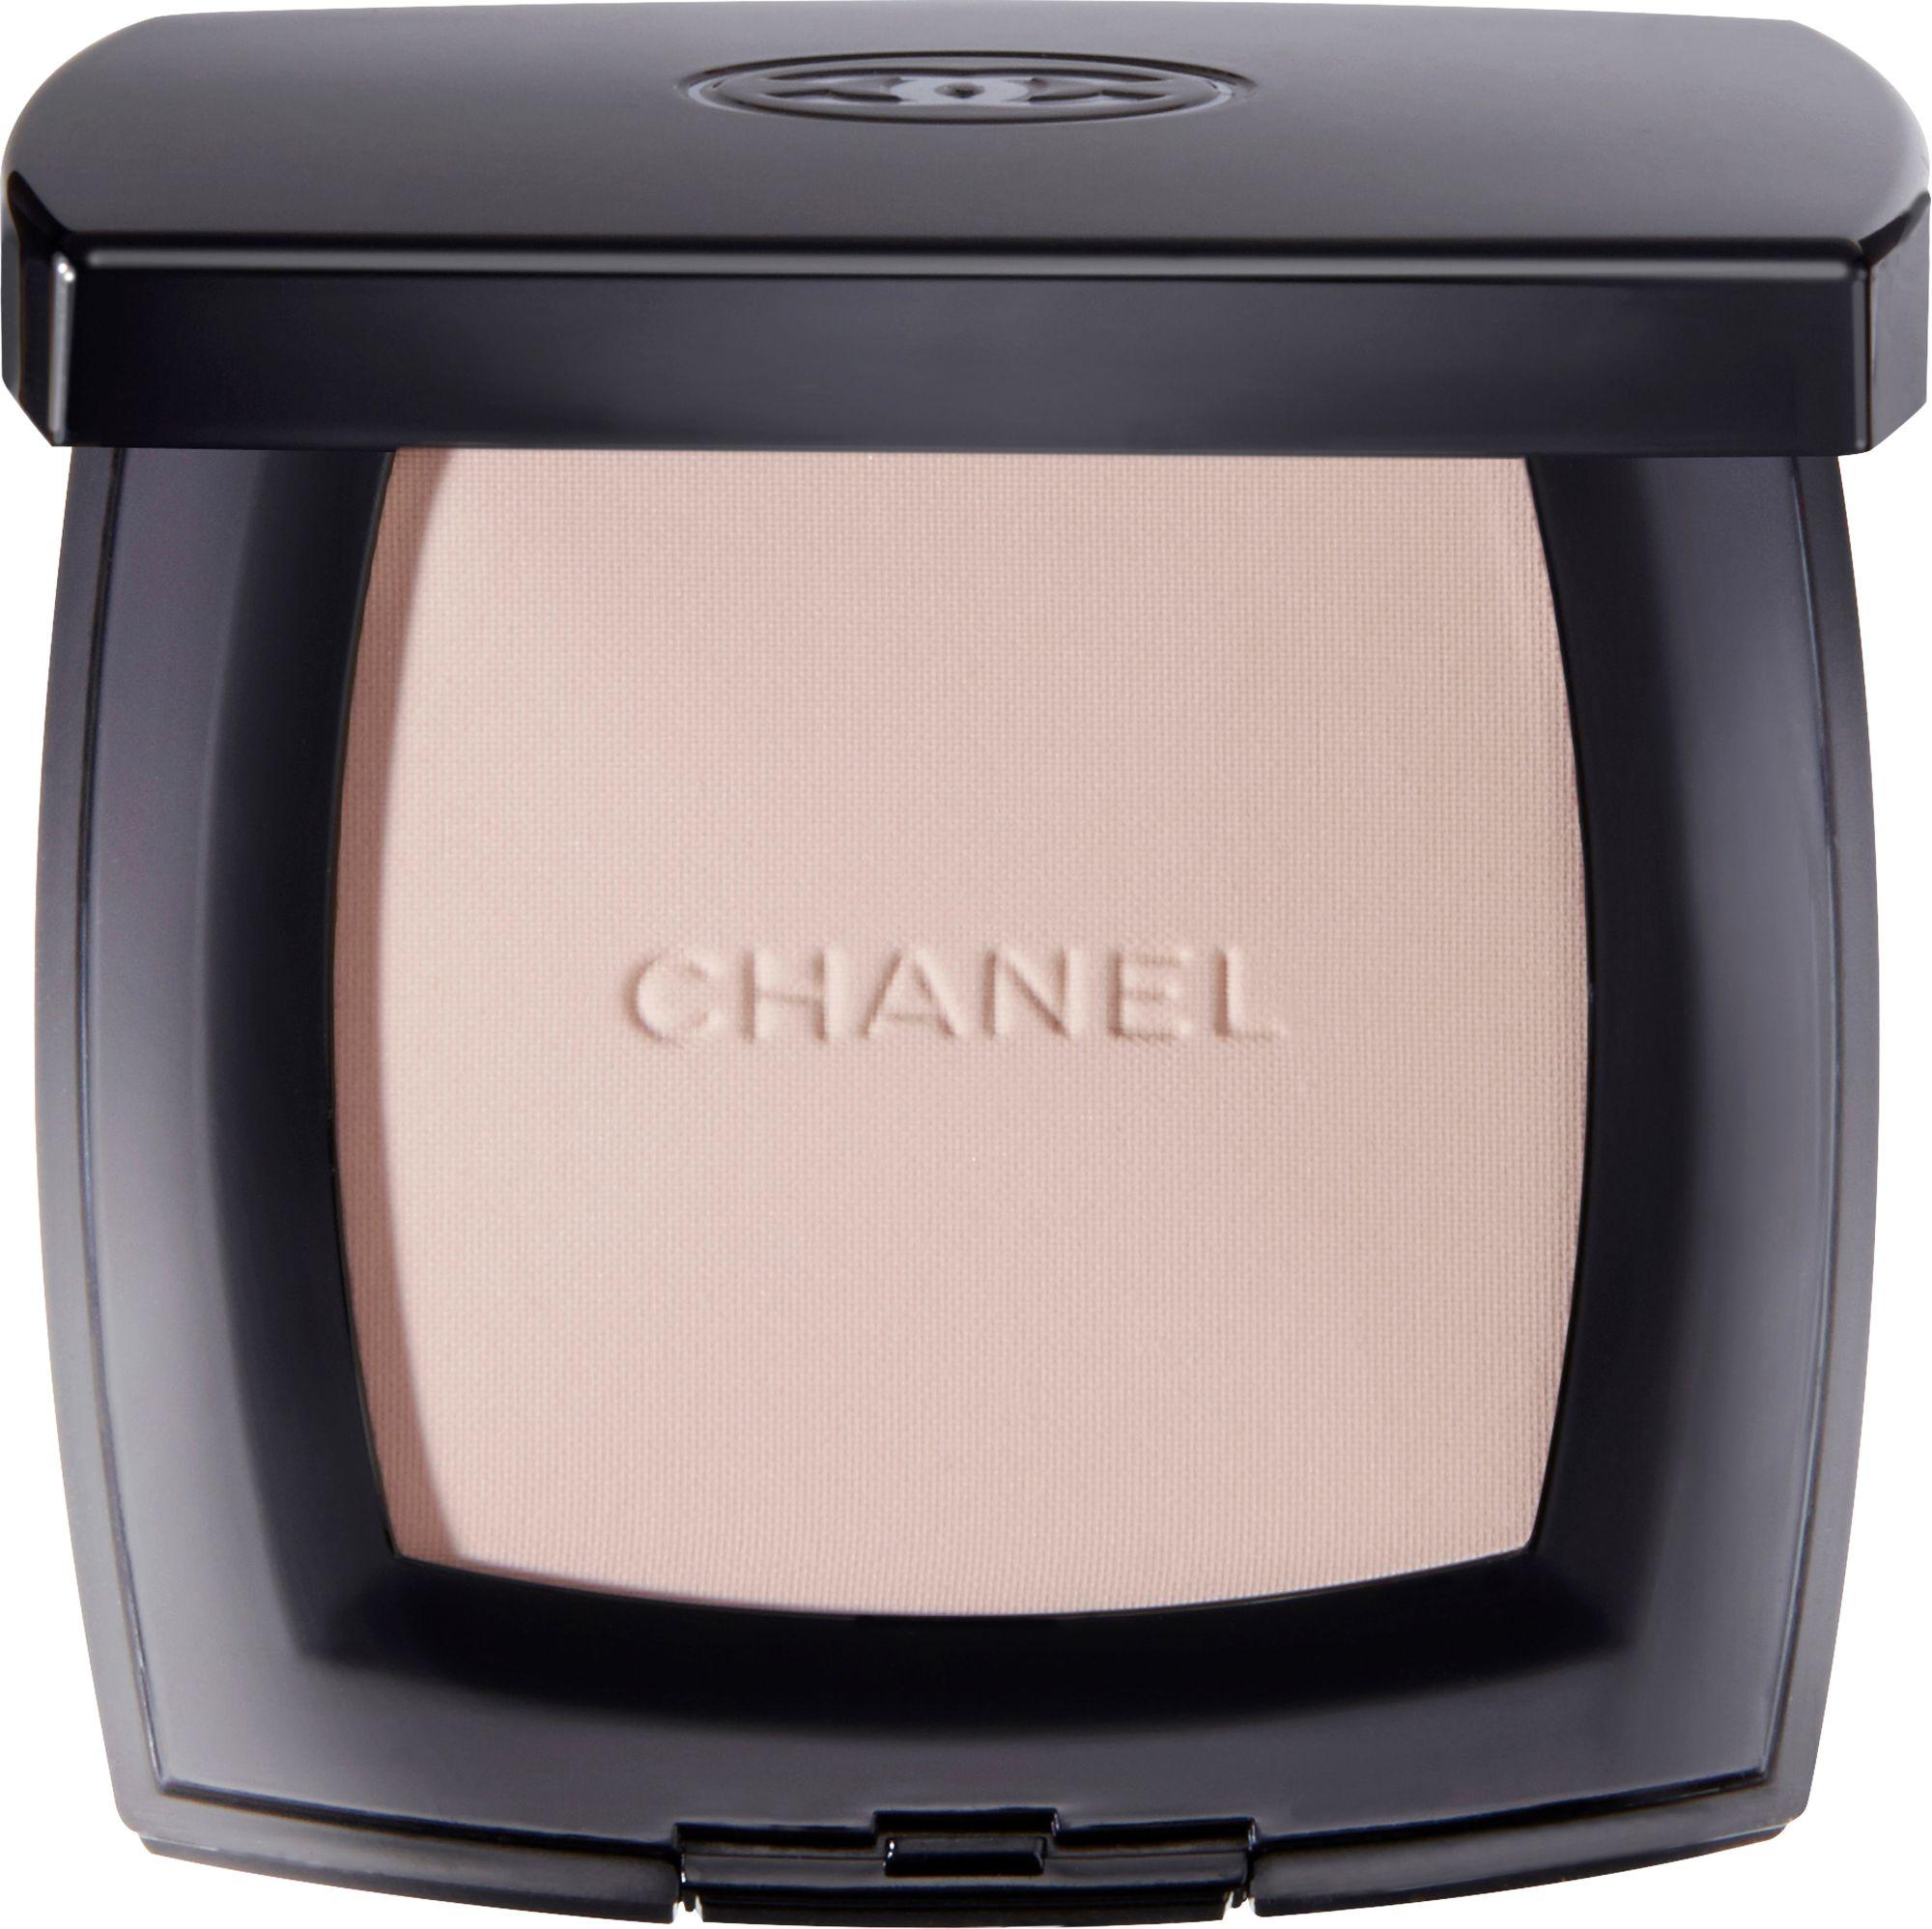 CHANEL Chanel, »Poudre Universelle Compacte«, Puder